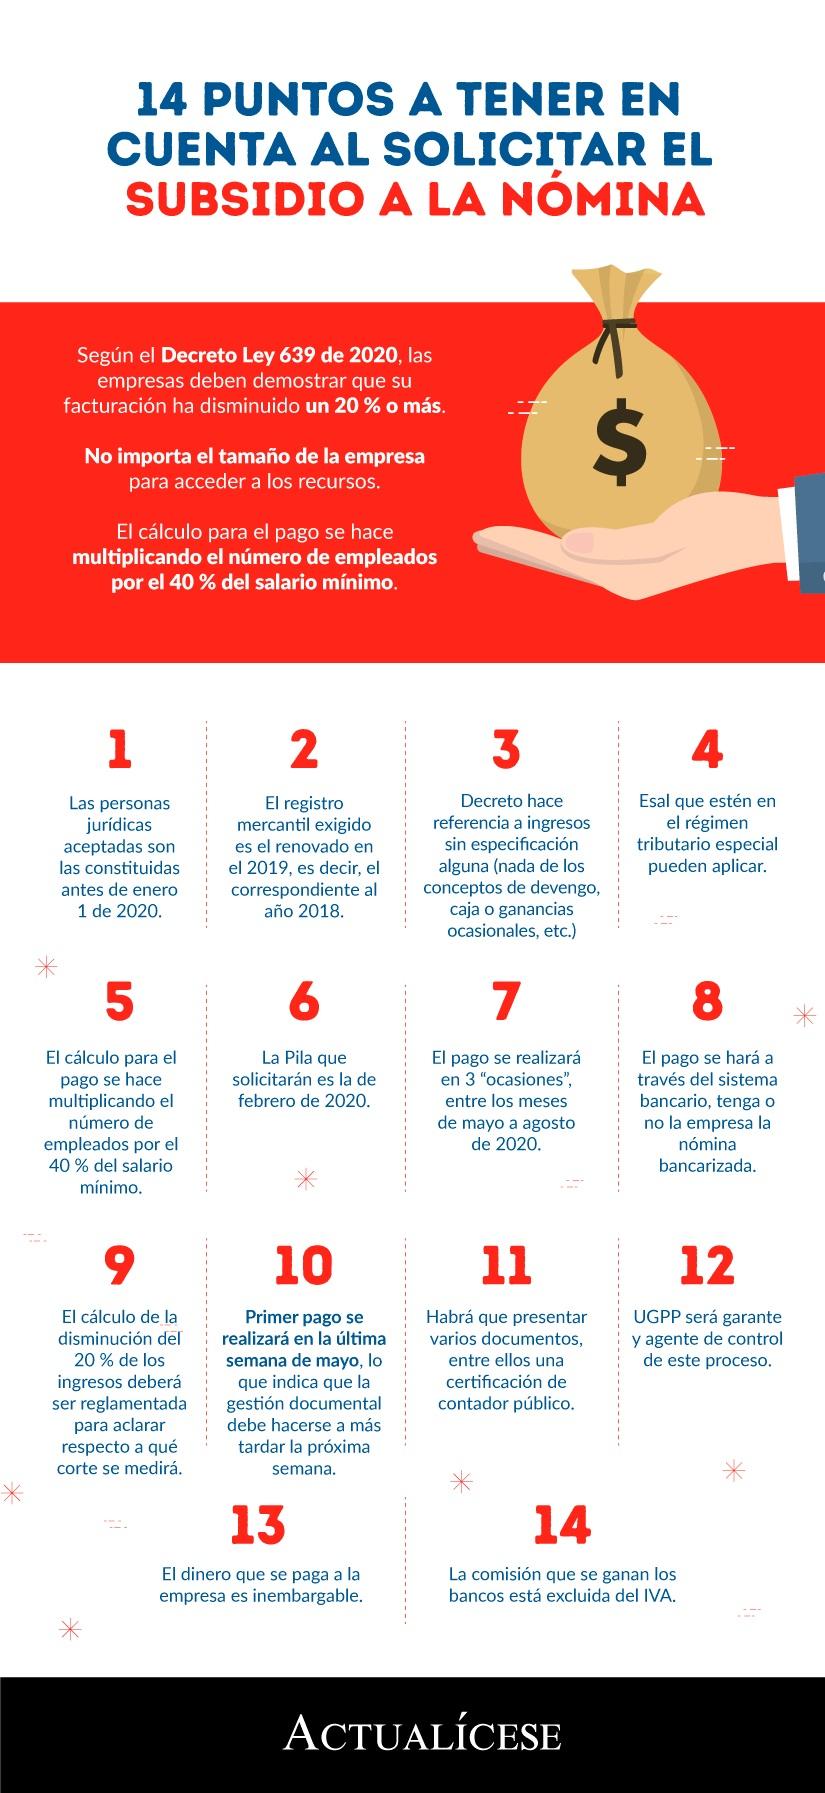 [Infografía] 14 puntos a tener en cuenta al solicitar el subsidio a la nómina